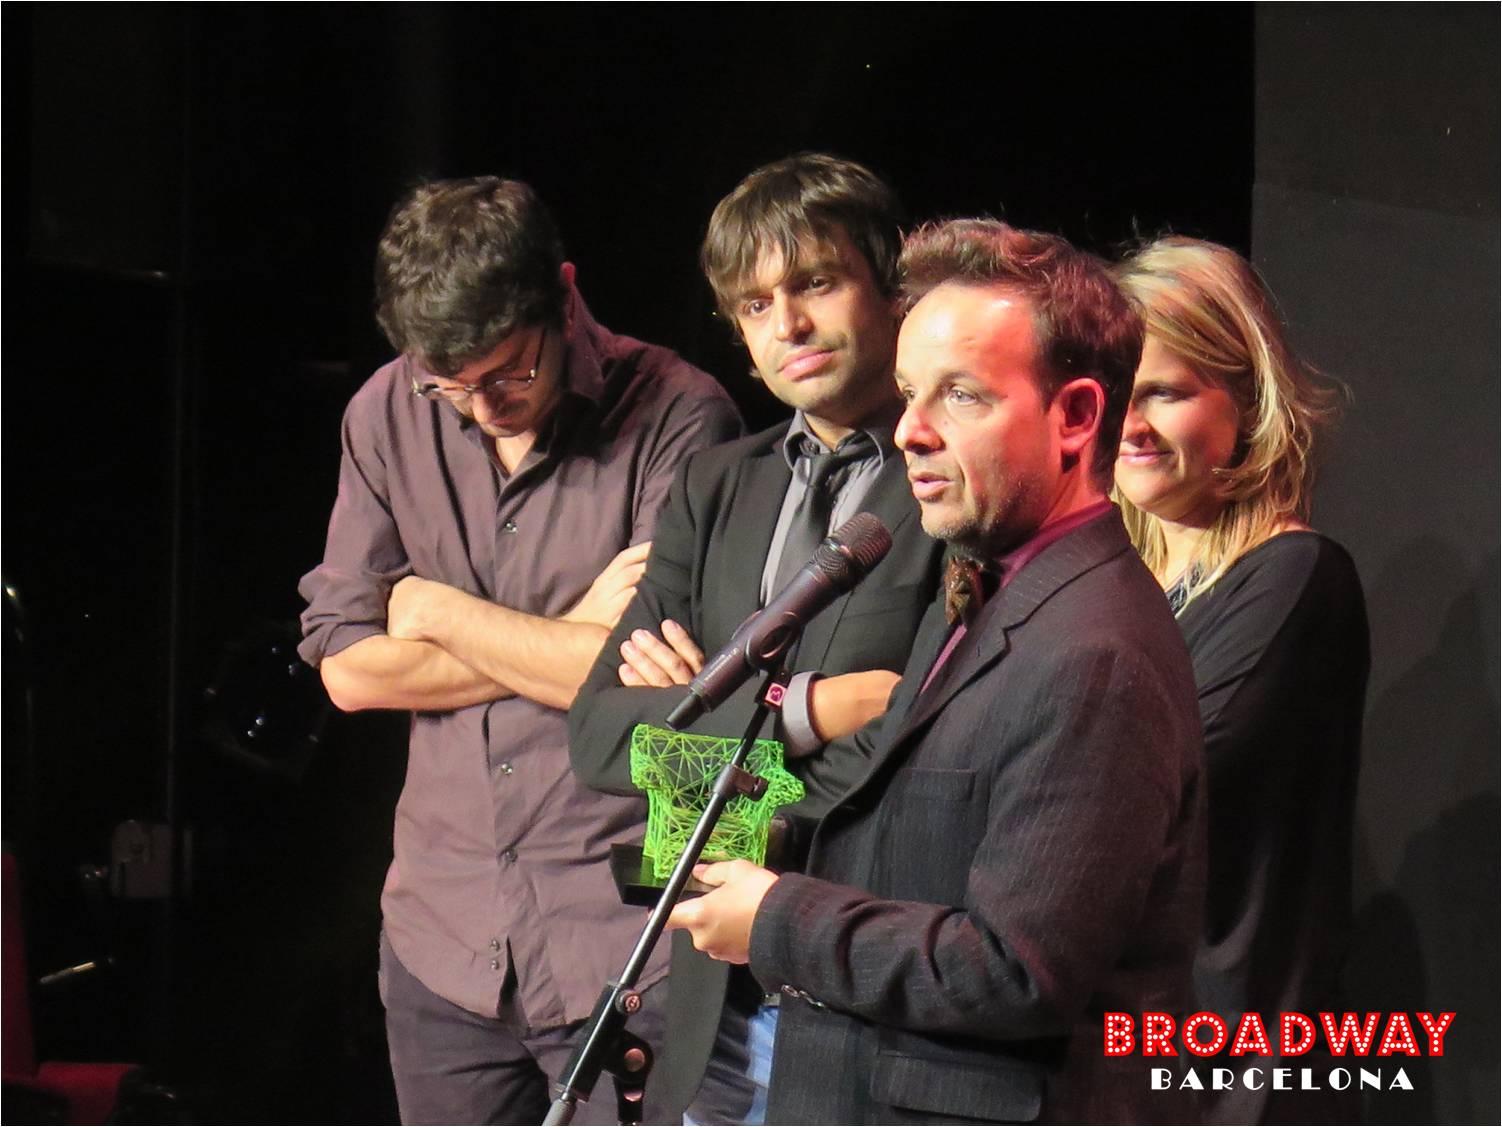 Premis Butaca: El Petit Príncep, el gran triunfador en las categorías musicales